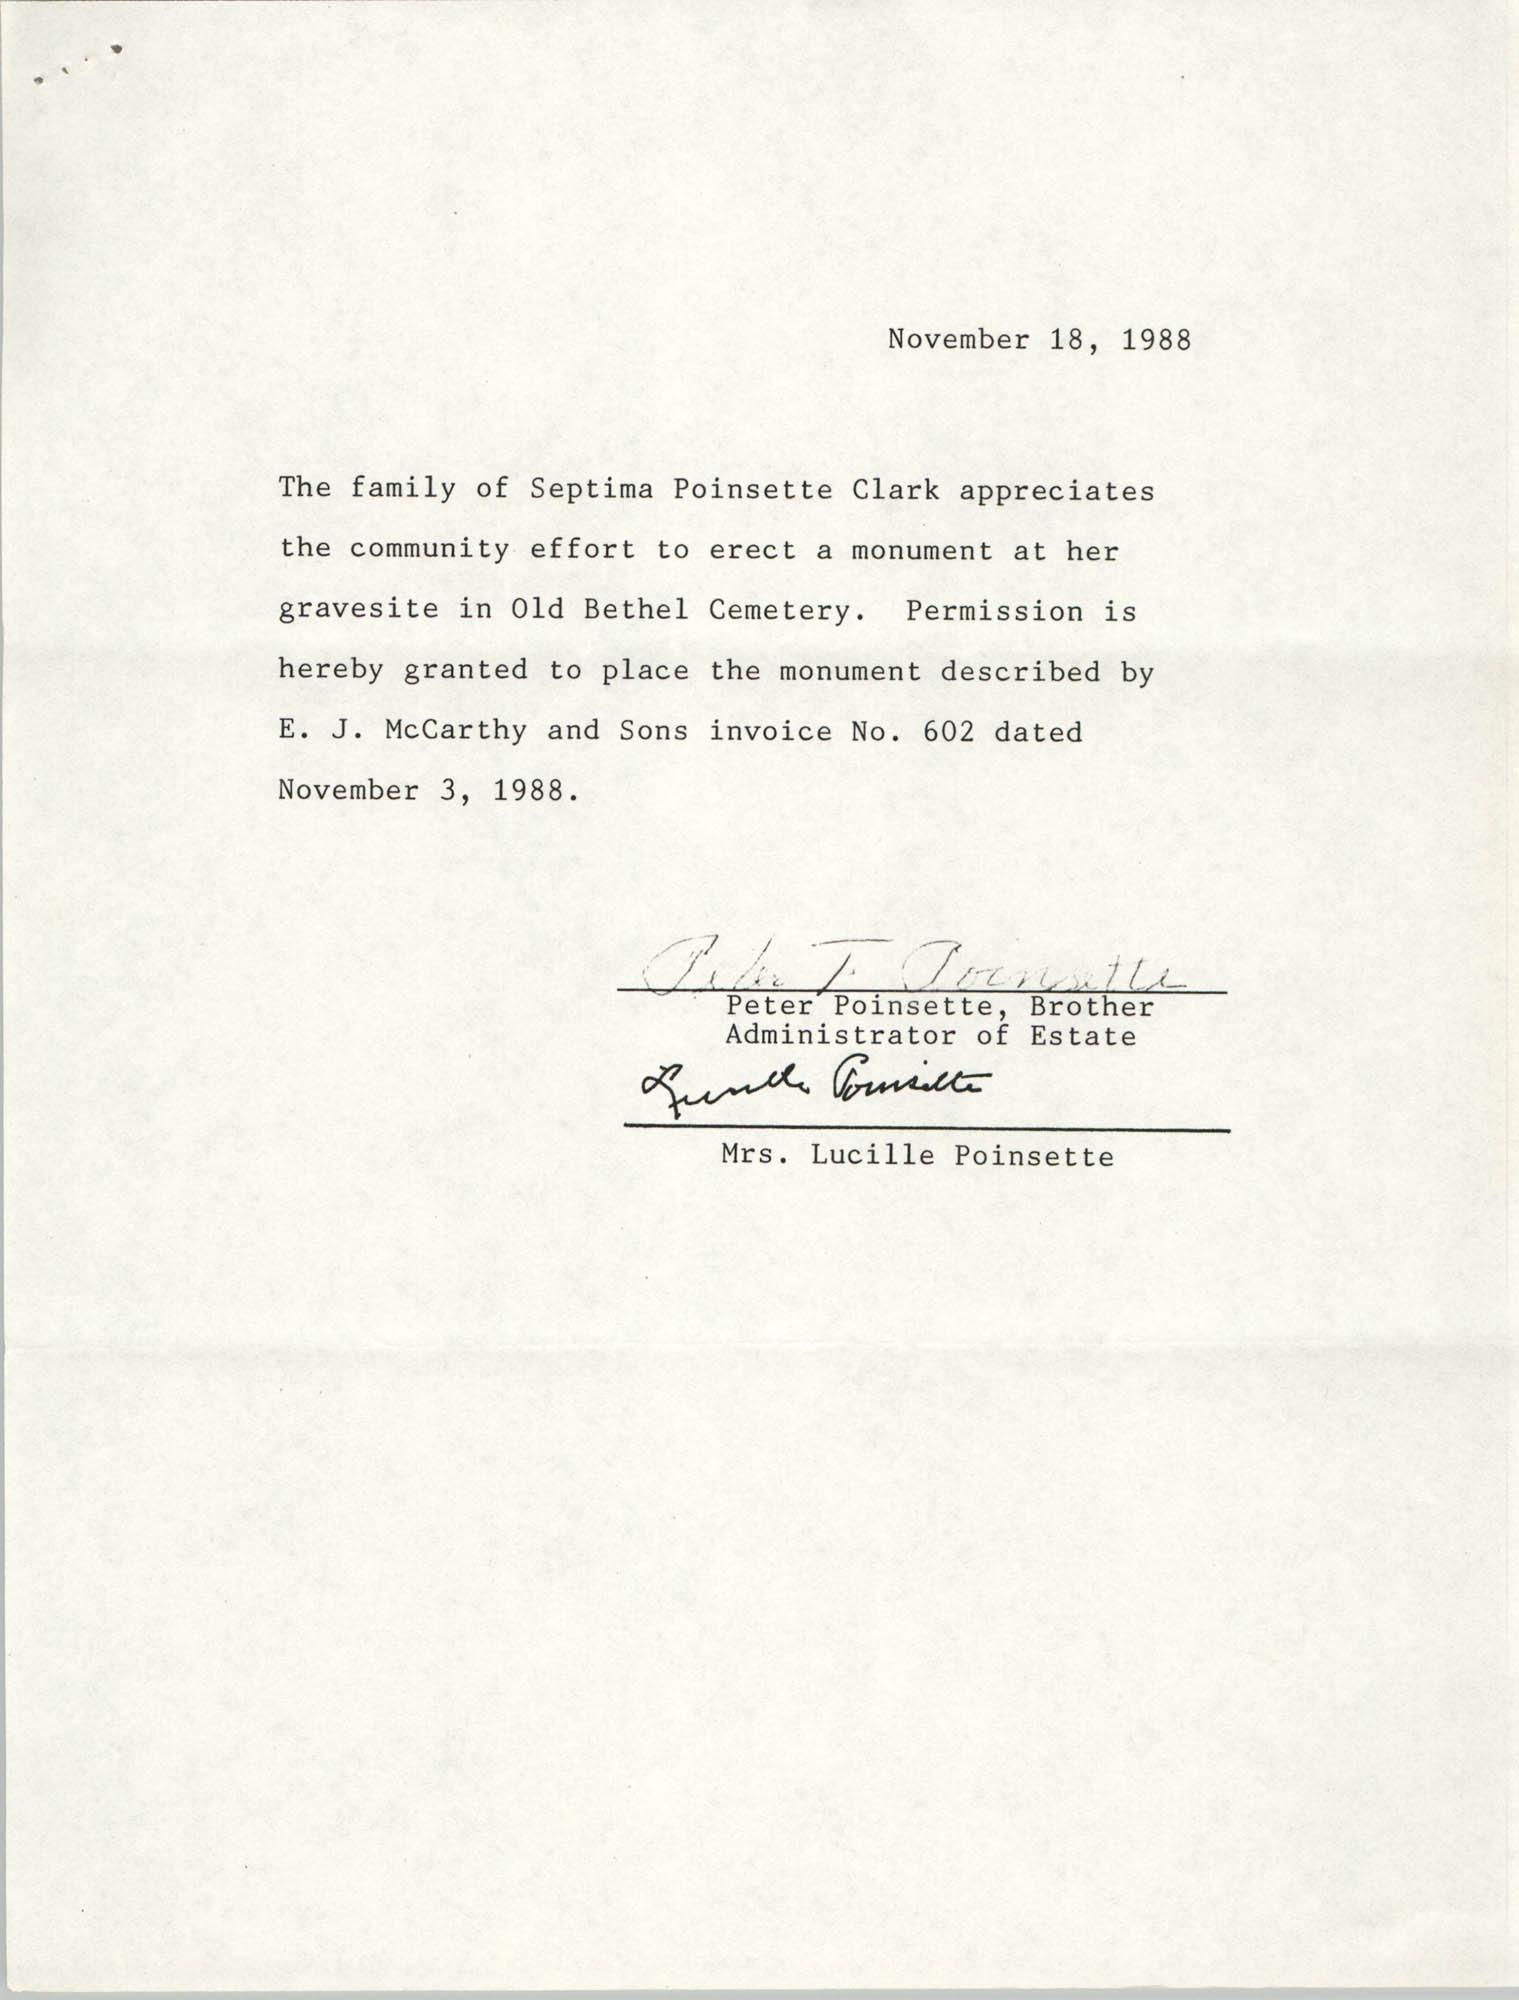 Letter from Poinsette Family, November 18, 1988